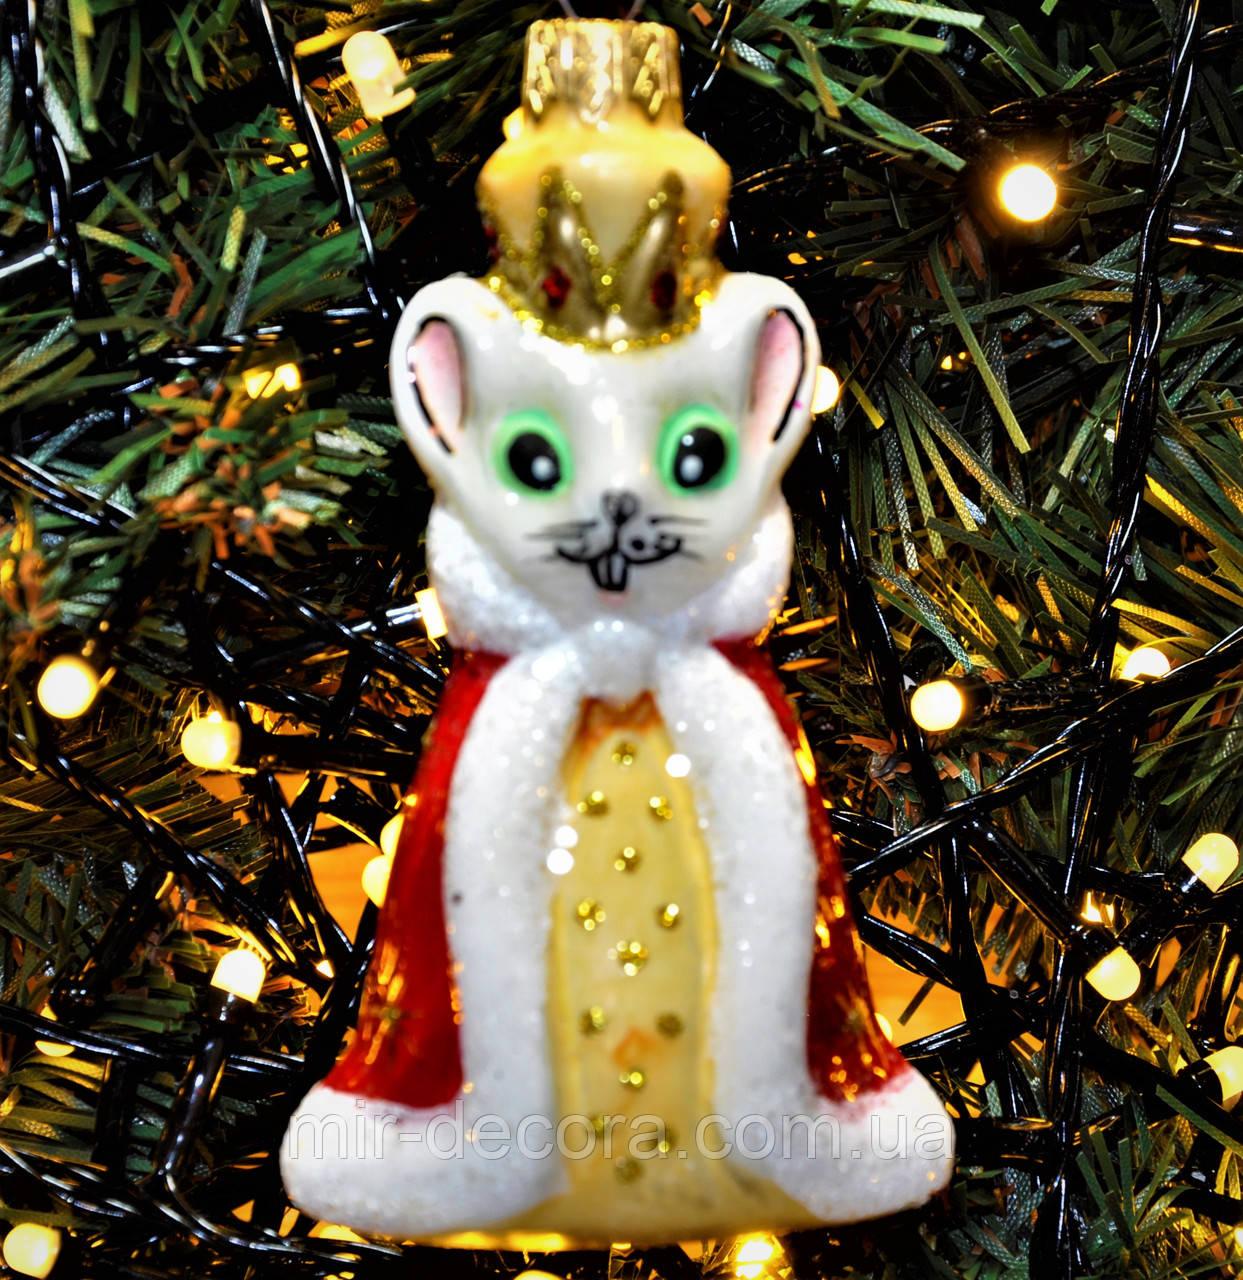 """Игрушка новогодняя стеклянная """"Мышиный король"""". Размер 11 см."""